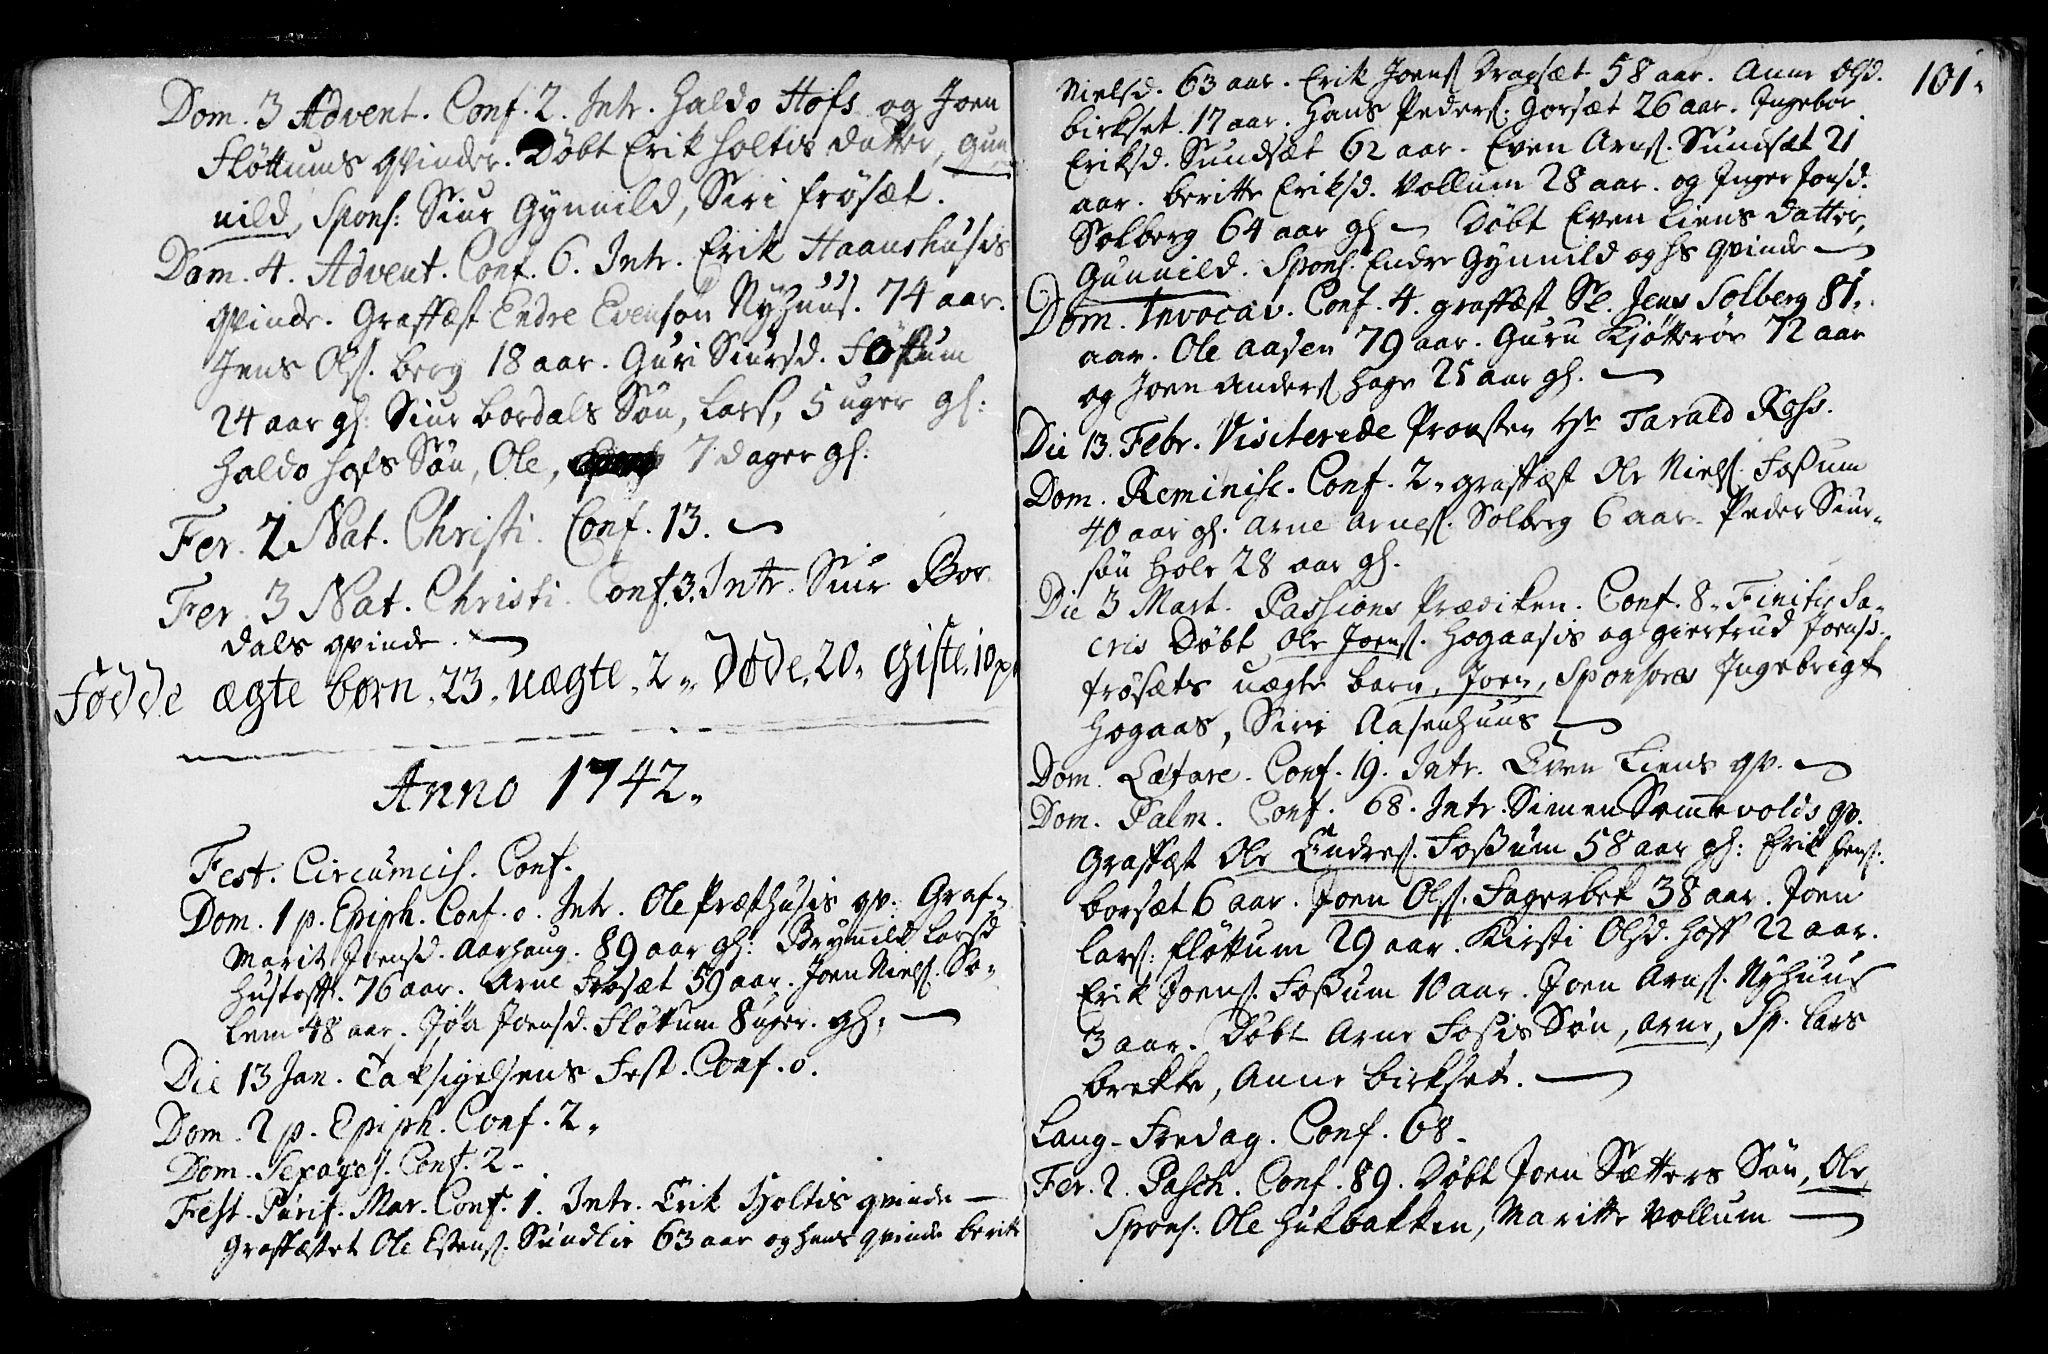 SAT, Ministerialprotokoller, klokkerbøker og fødselsregistre - Sør-Trøndelag, 689/L1036: Ministerialbok nr. 689A01, 1696-1746, s. 101